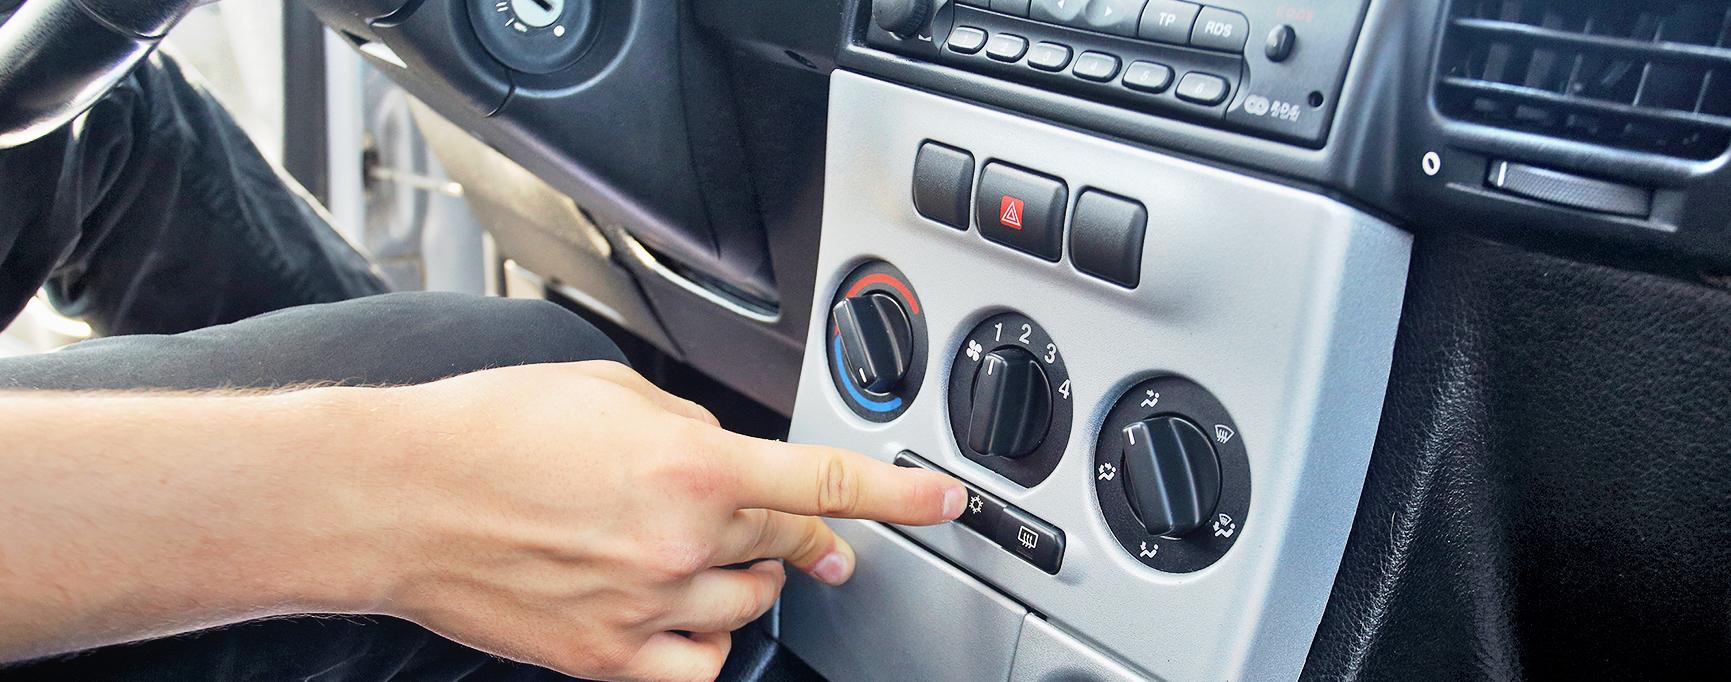 Palec nawłączniku klimatyzacji